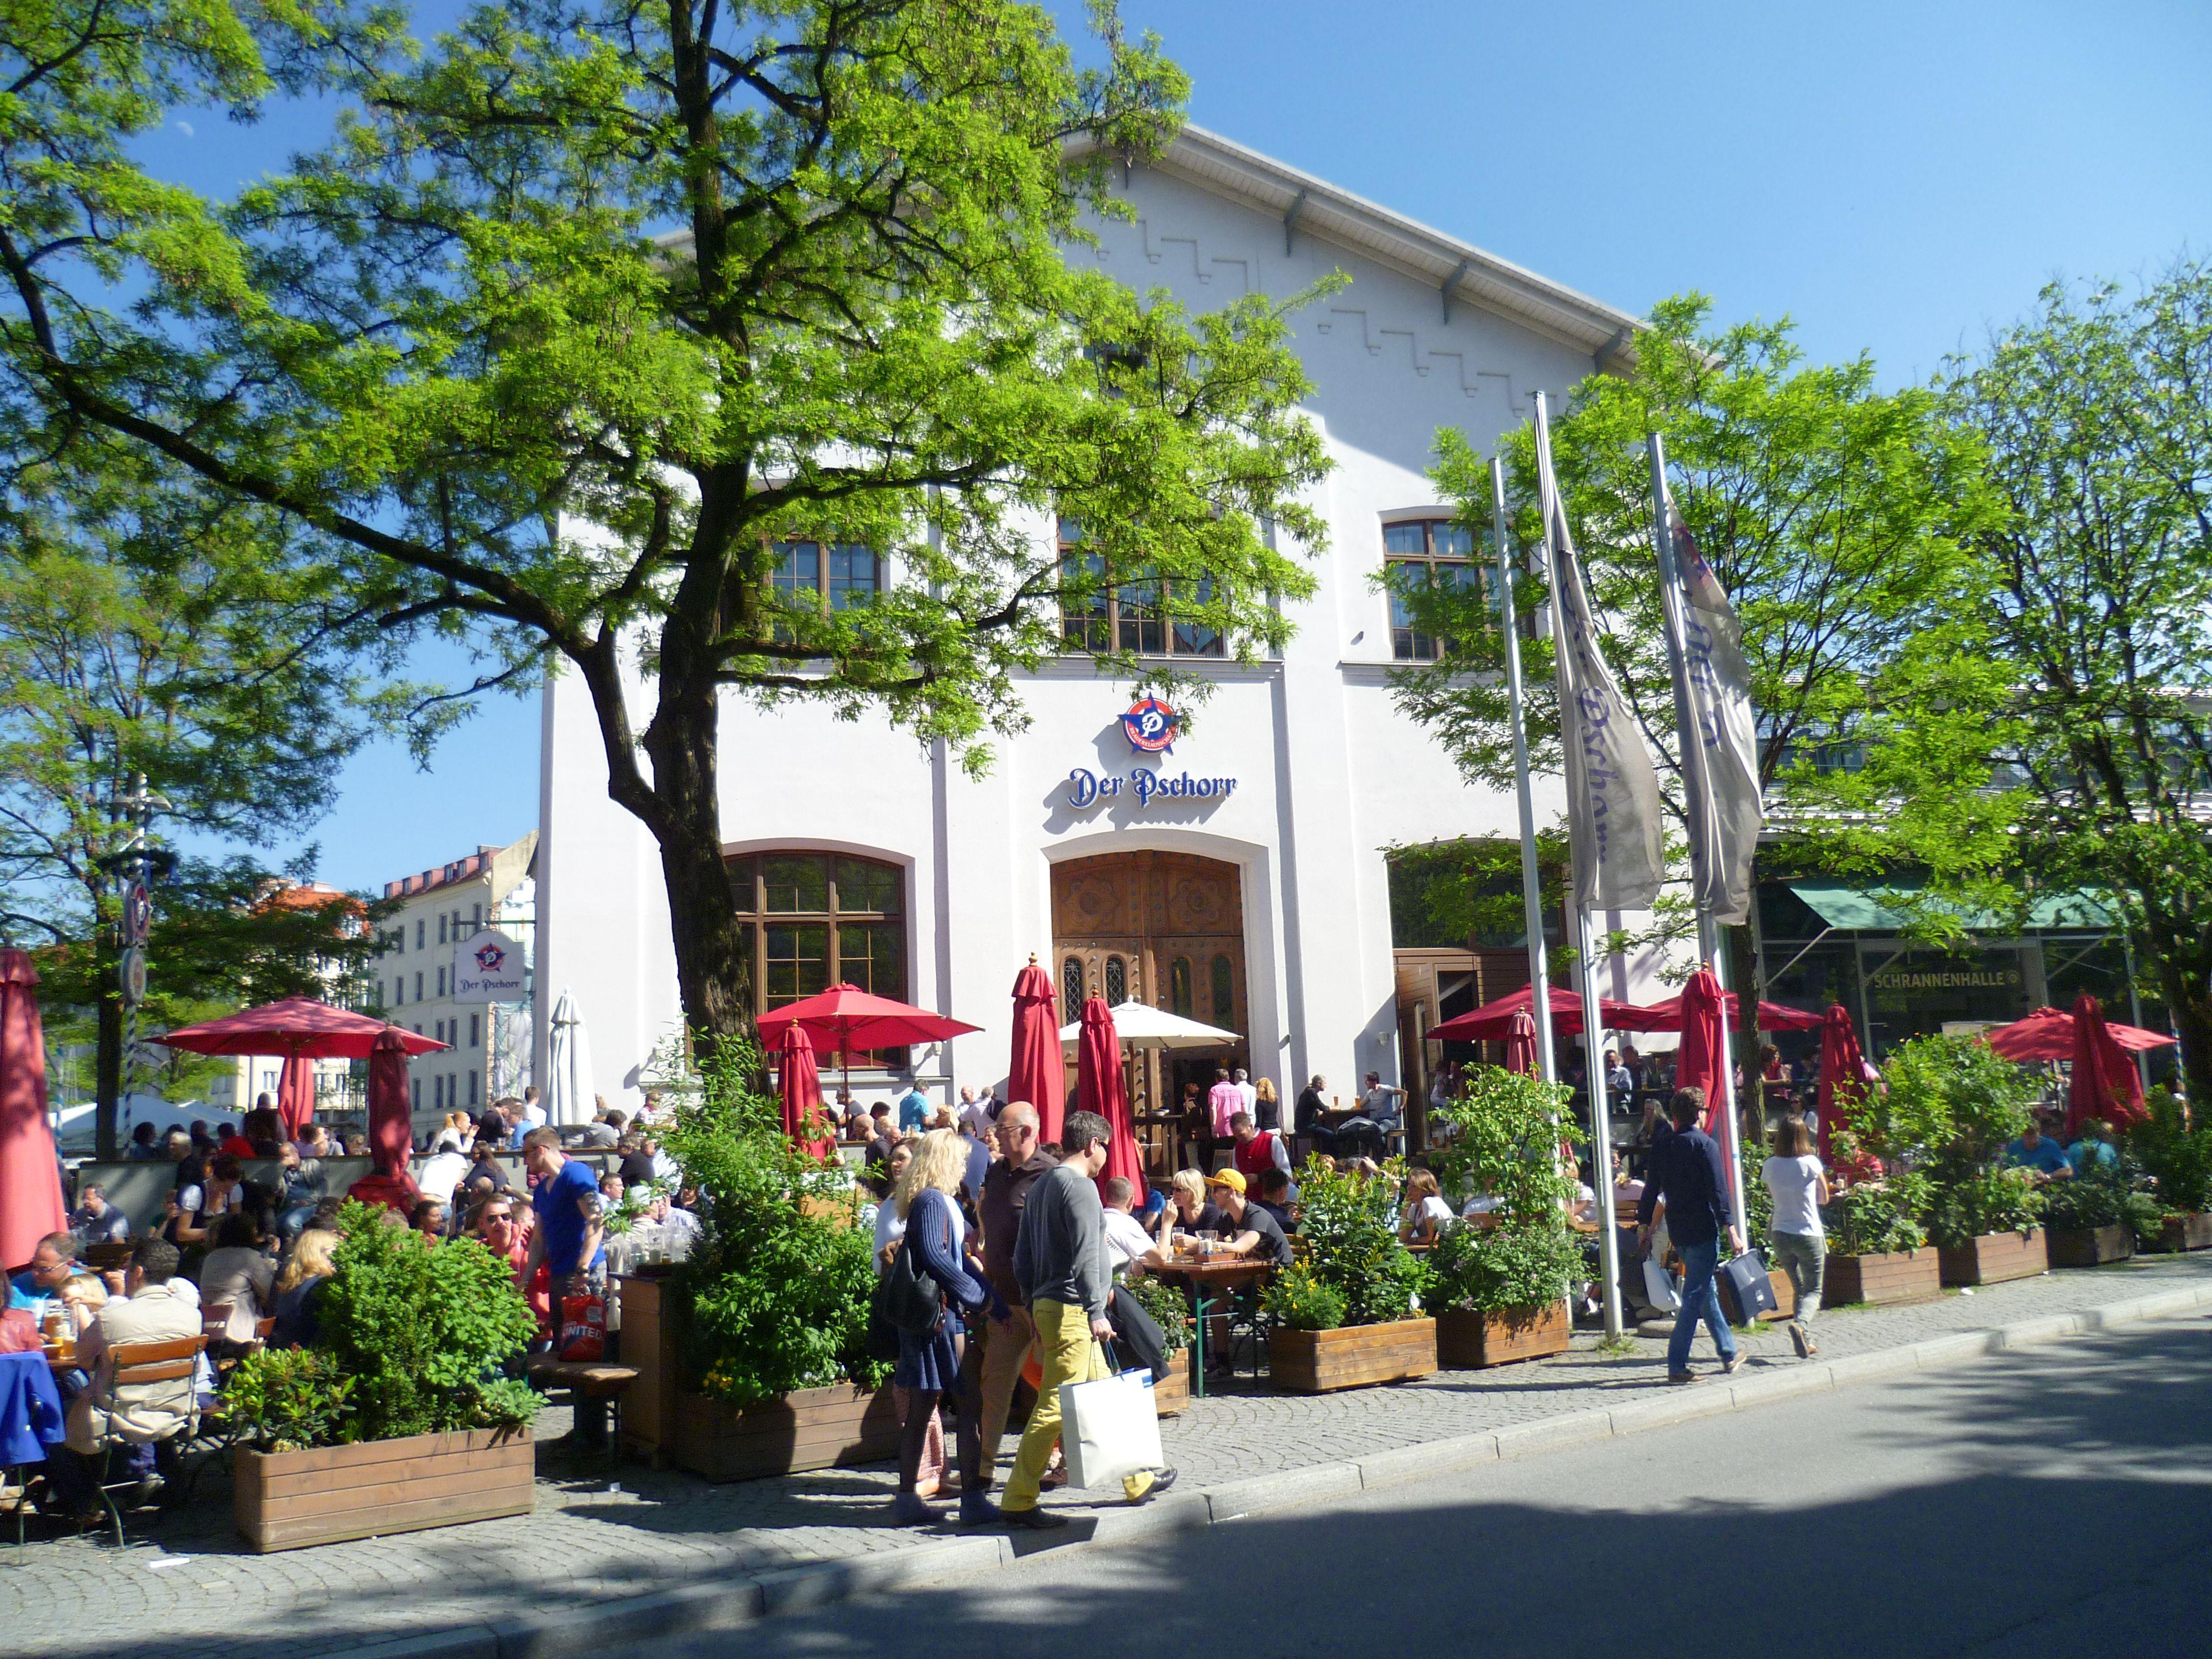 Der Pschorr Brauhaus in Munich